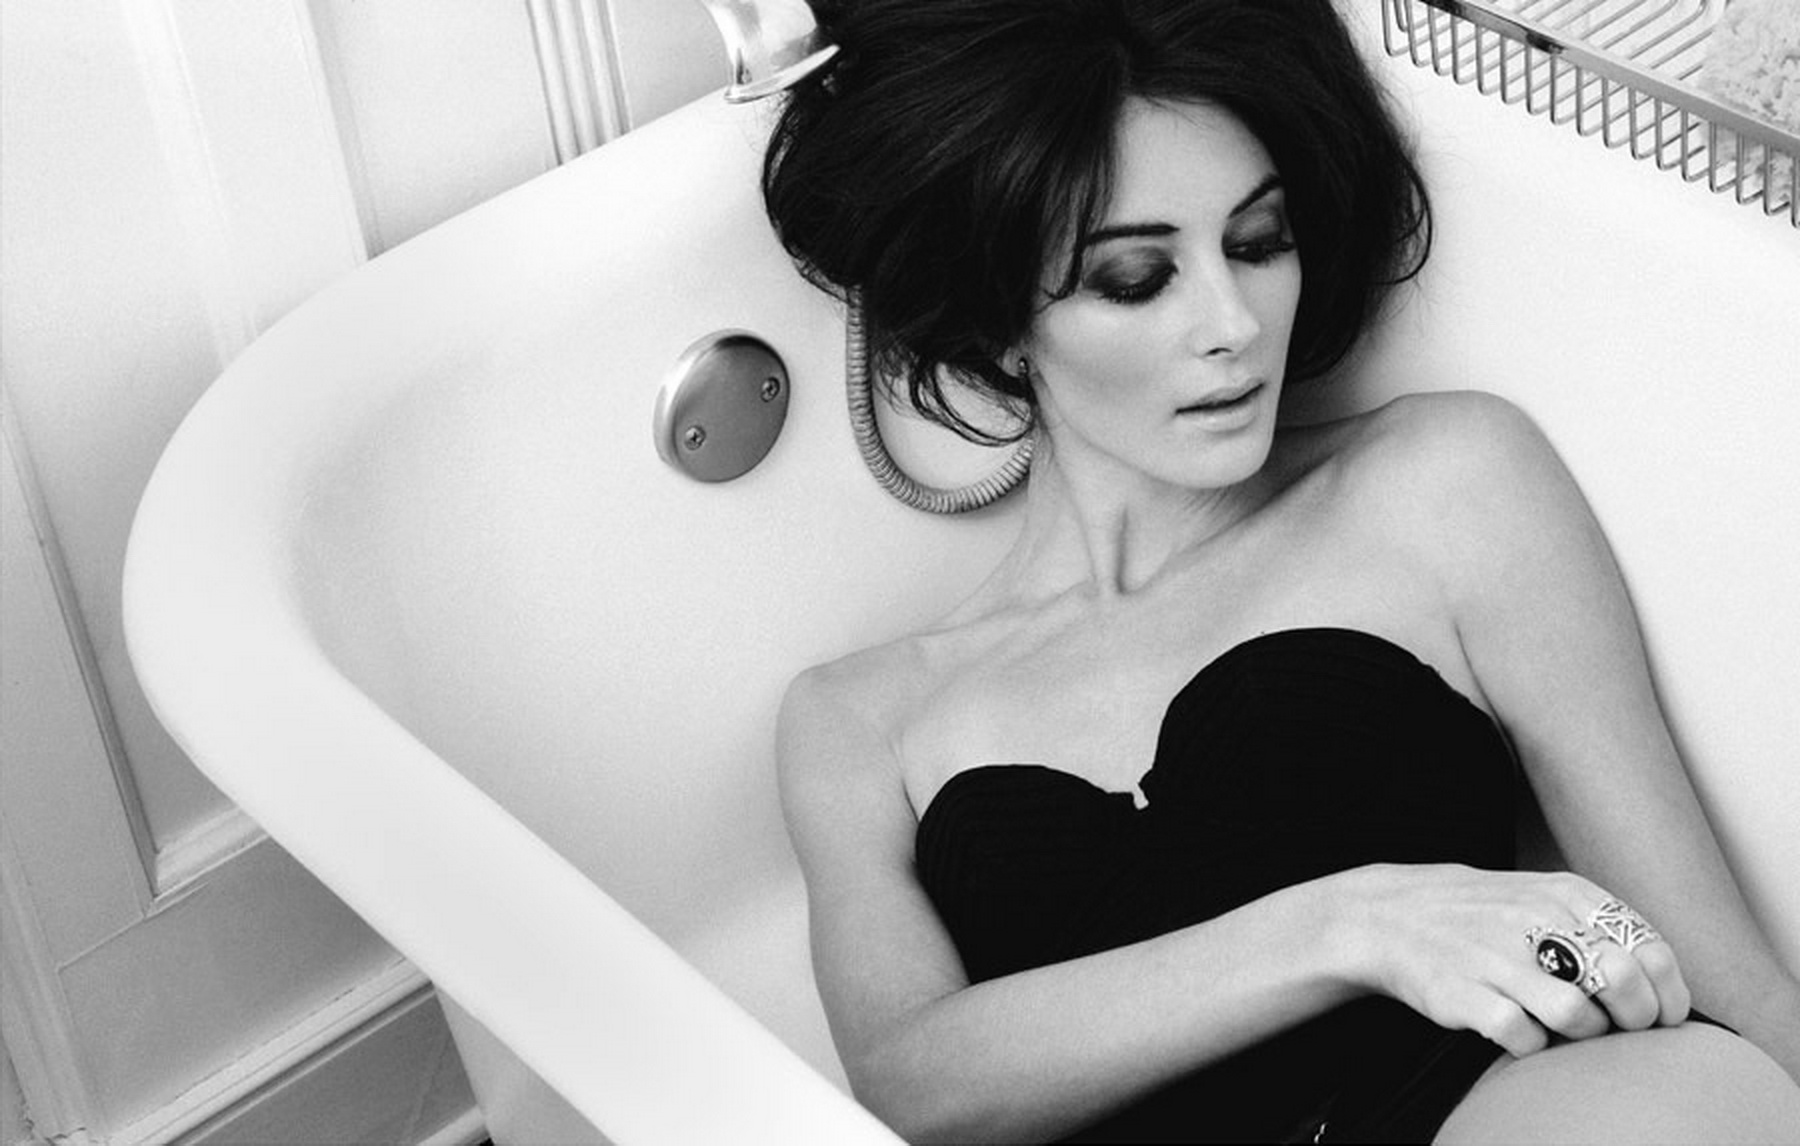 Фотоальбом девушки в ванной 9 фотография